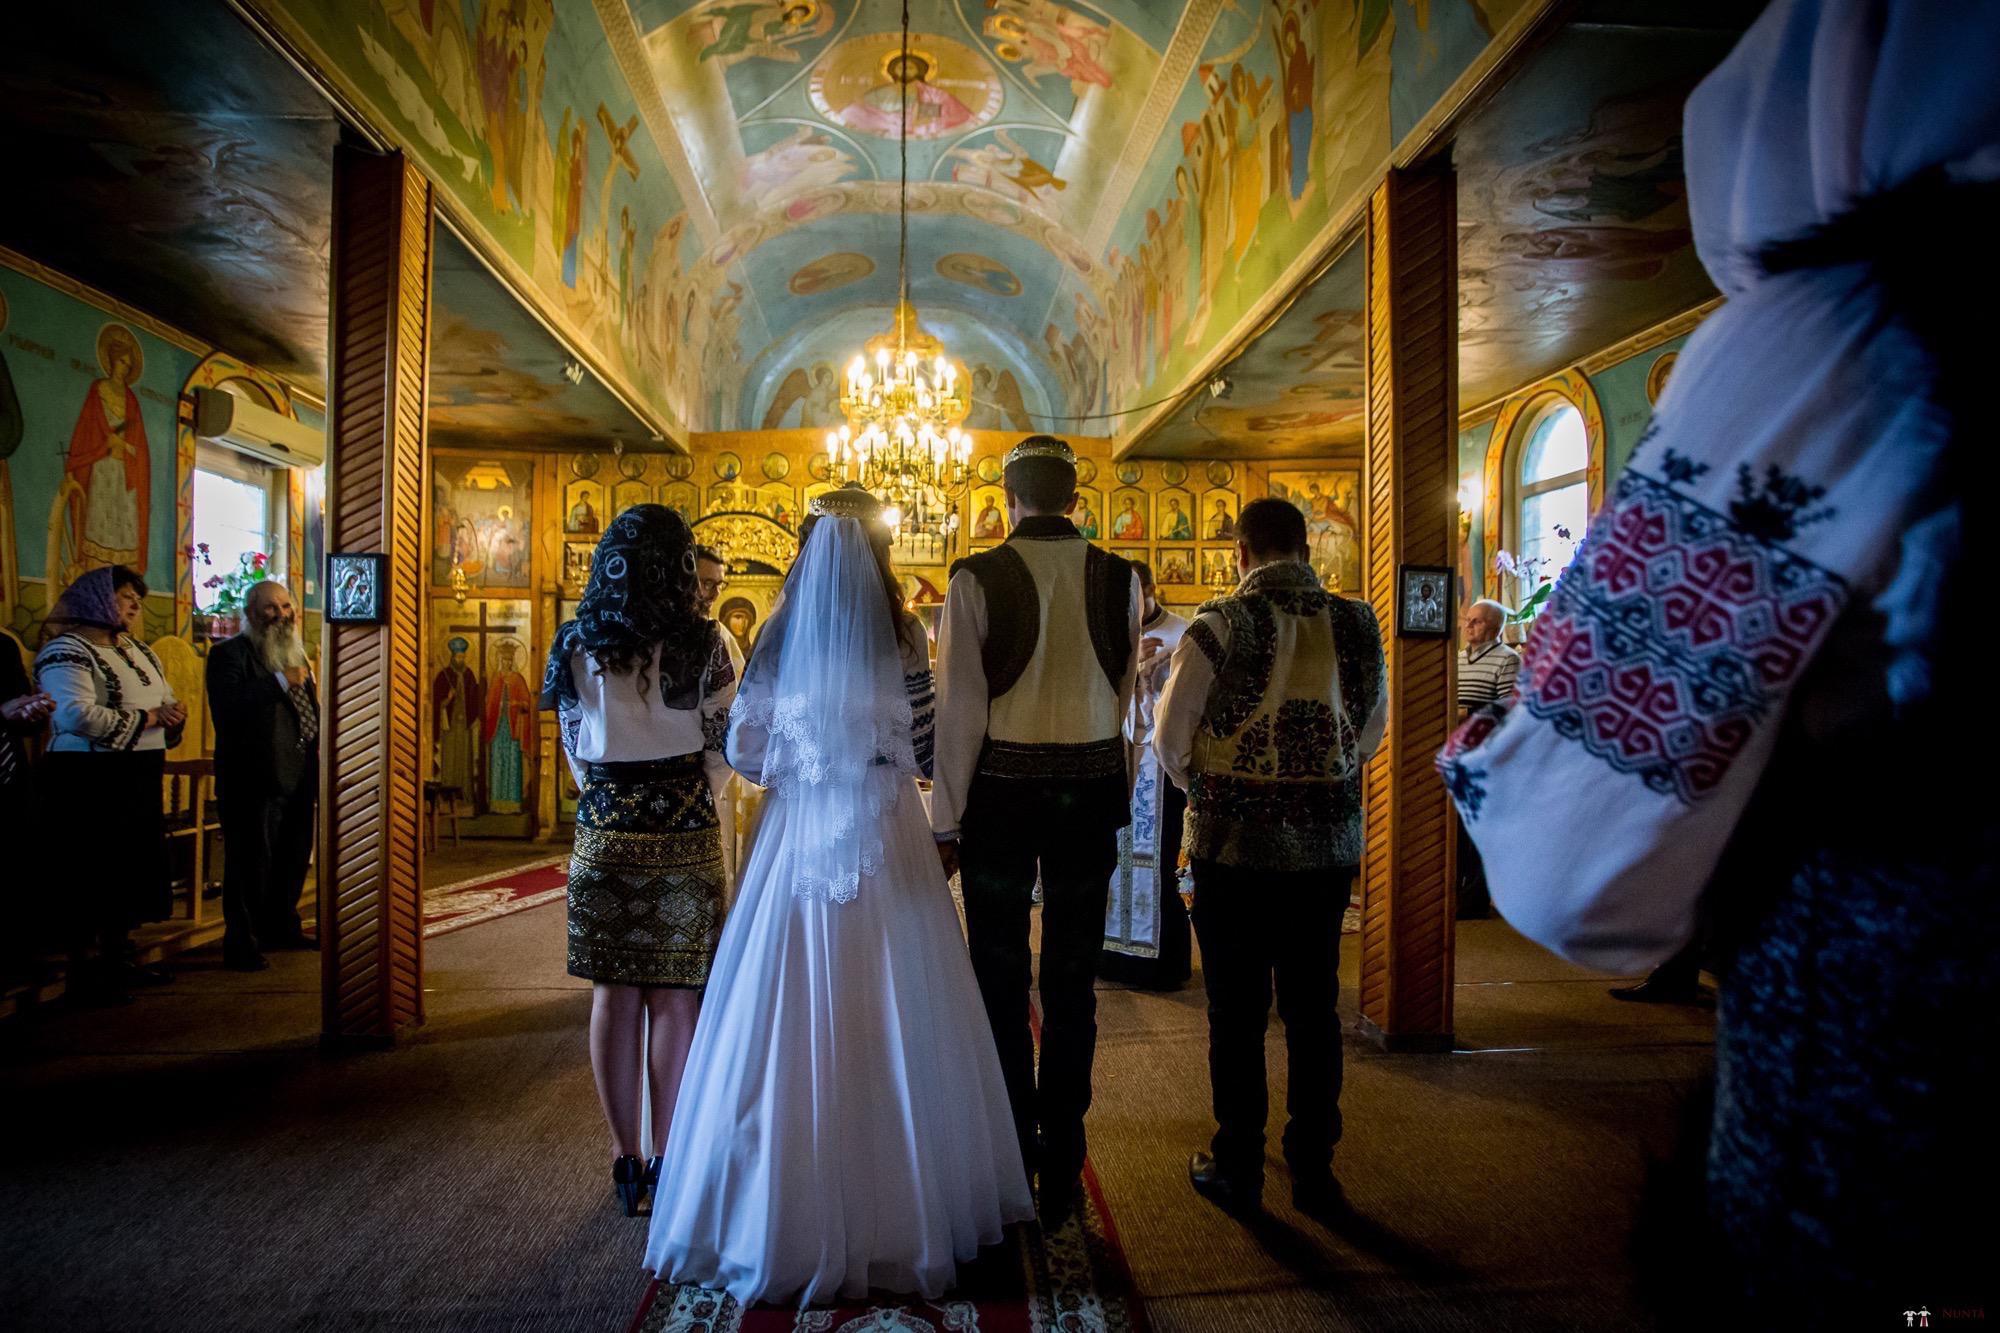 Povești Nunți Tradiționale - Ioana-Alexandra și Bogdan-Vasile. Nuntă tradițională în Fălticeni 13